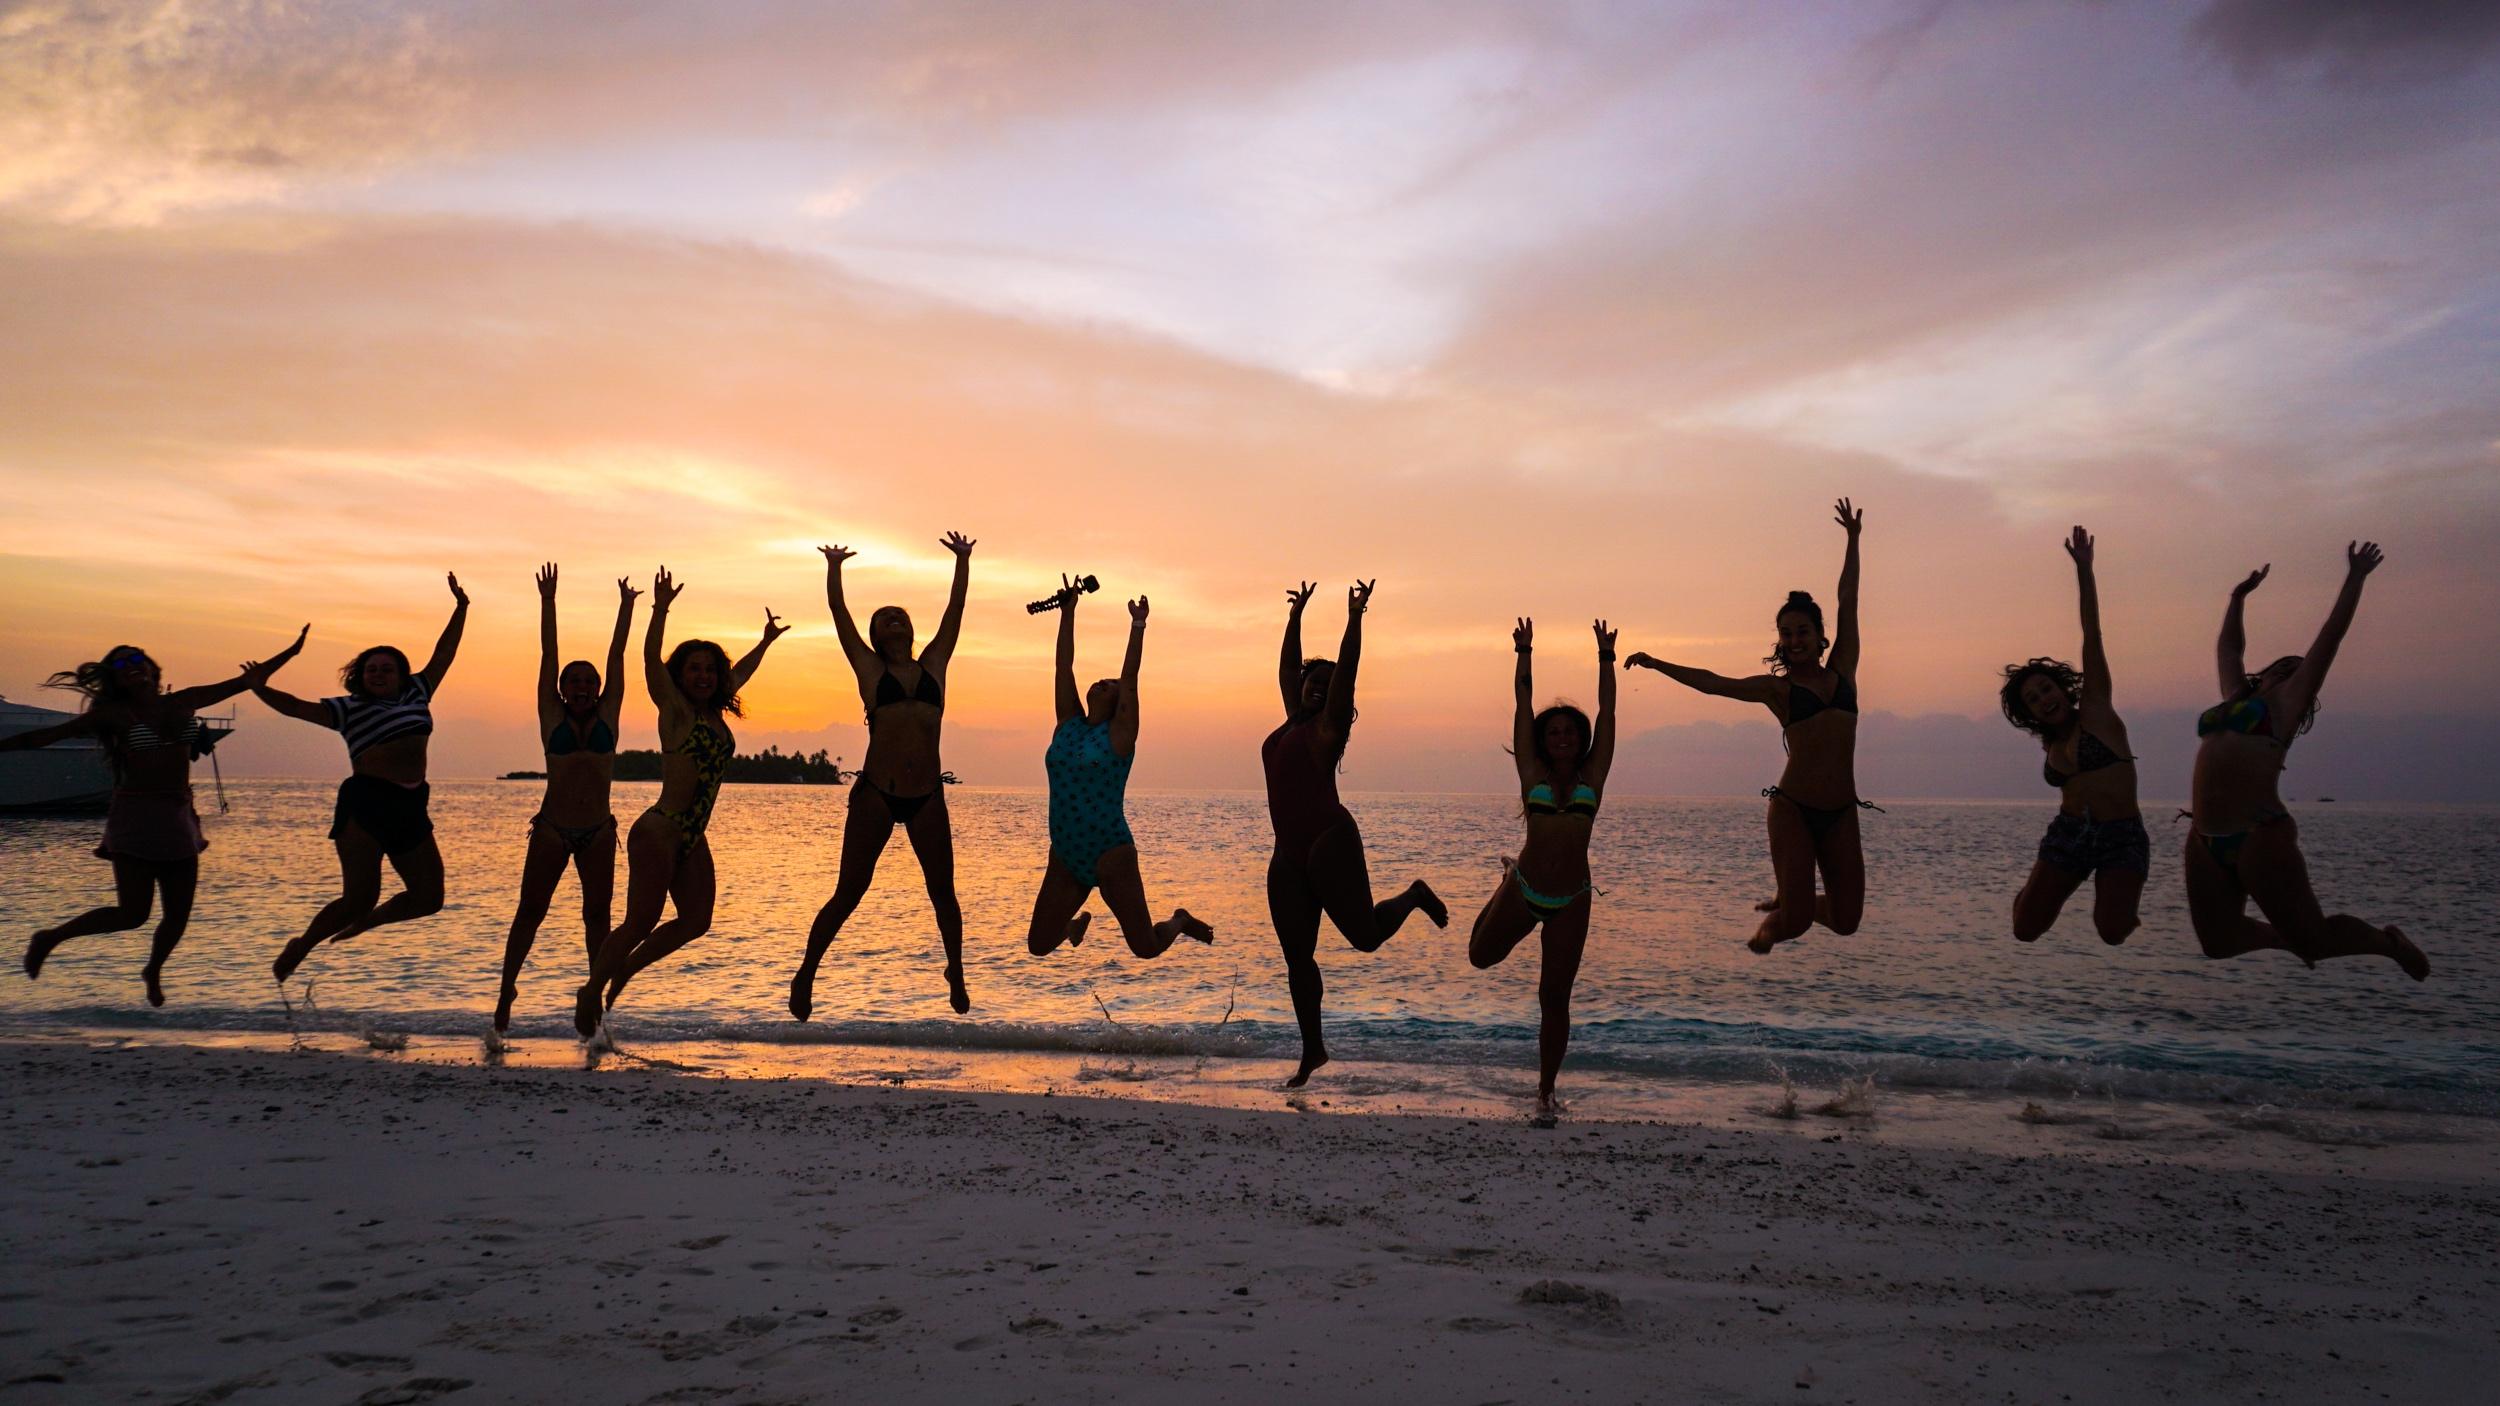 """Grupo 1, no passeio ao """"Sand Bar"""", um banco de areia incrível perdido no meio do oceano."""